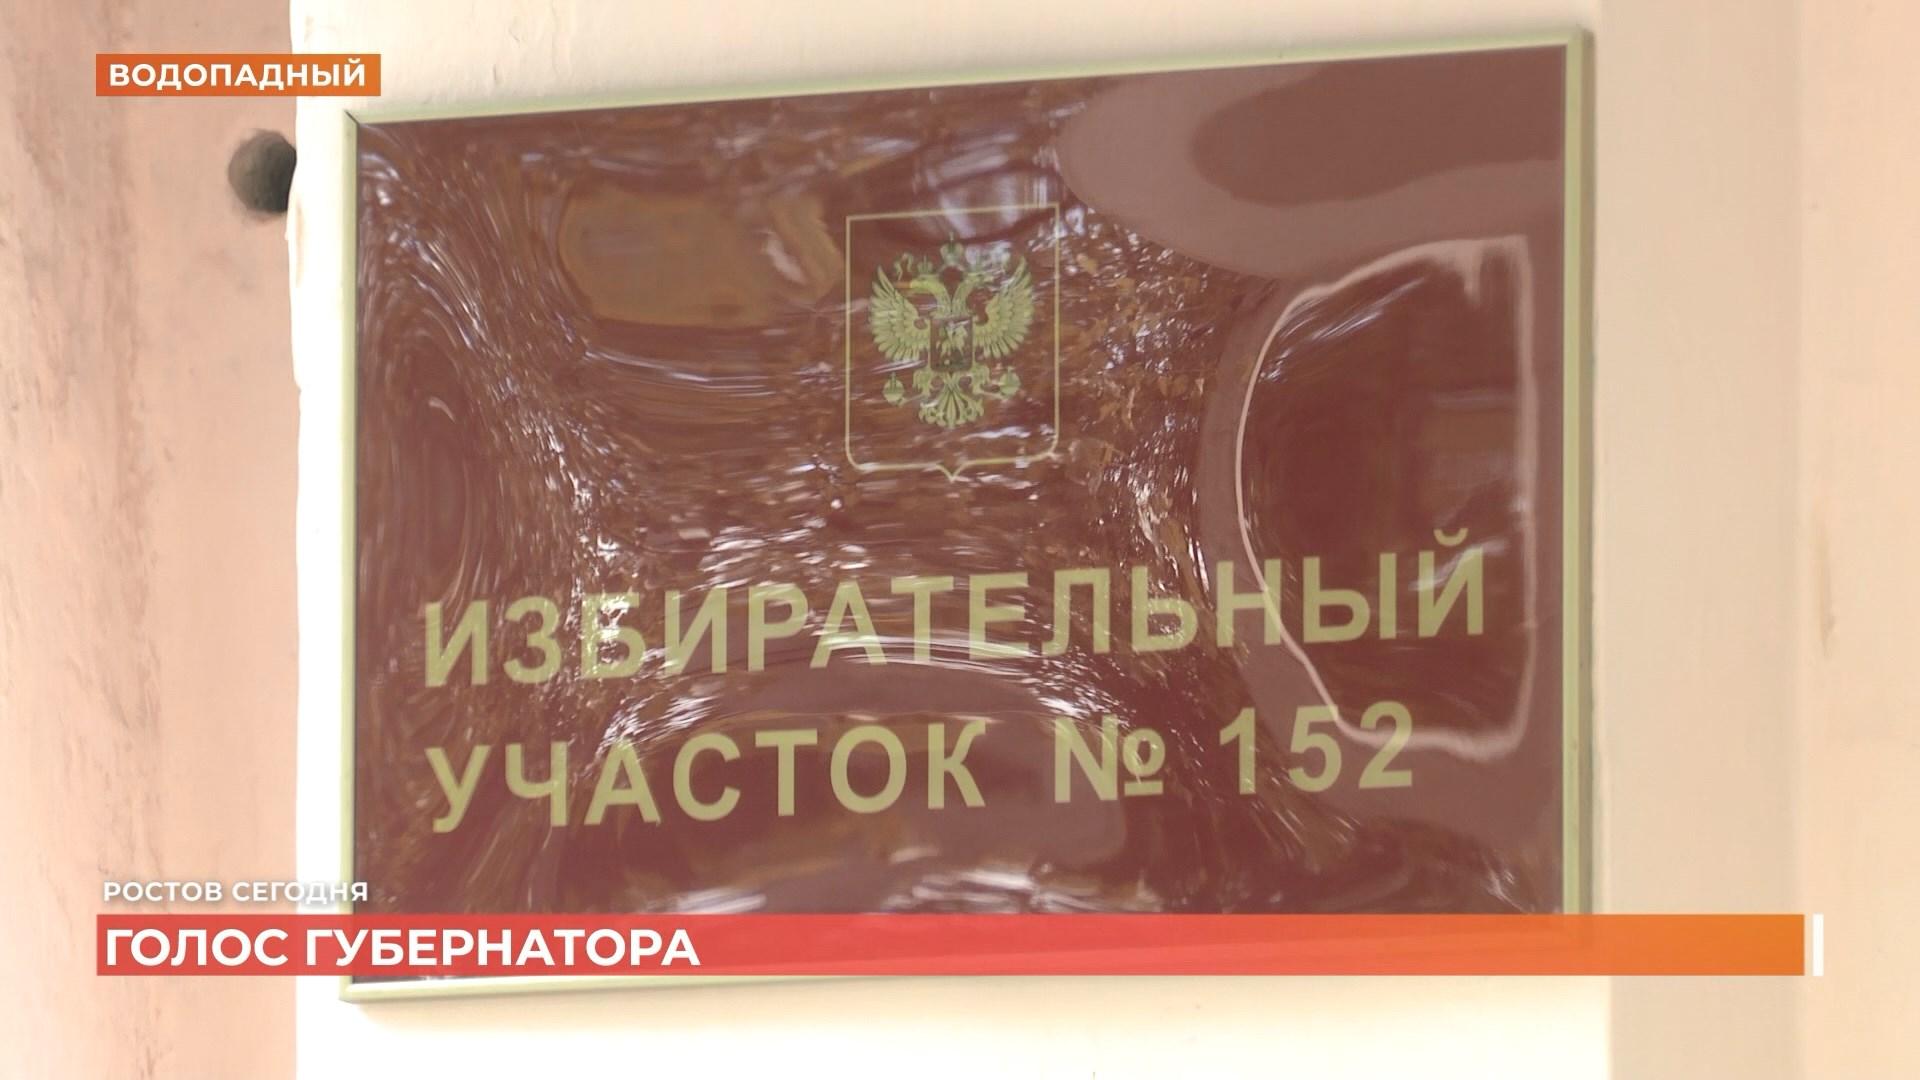 Ростов сегодня: дневной выпуск 13:00. 19 сентября 2021